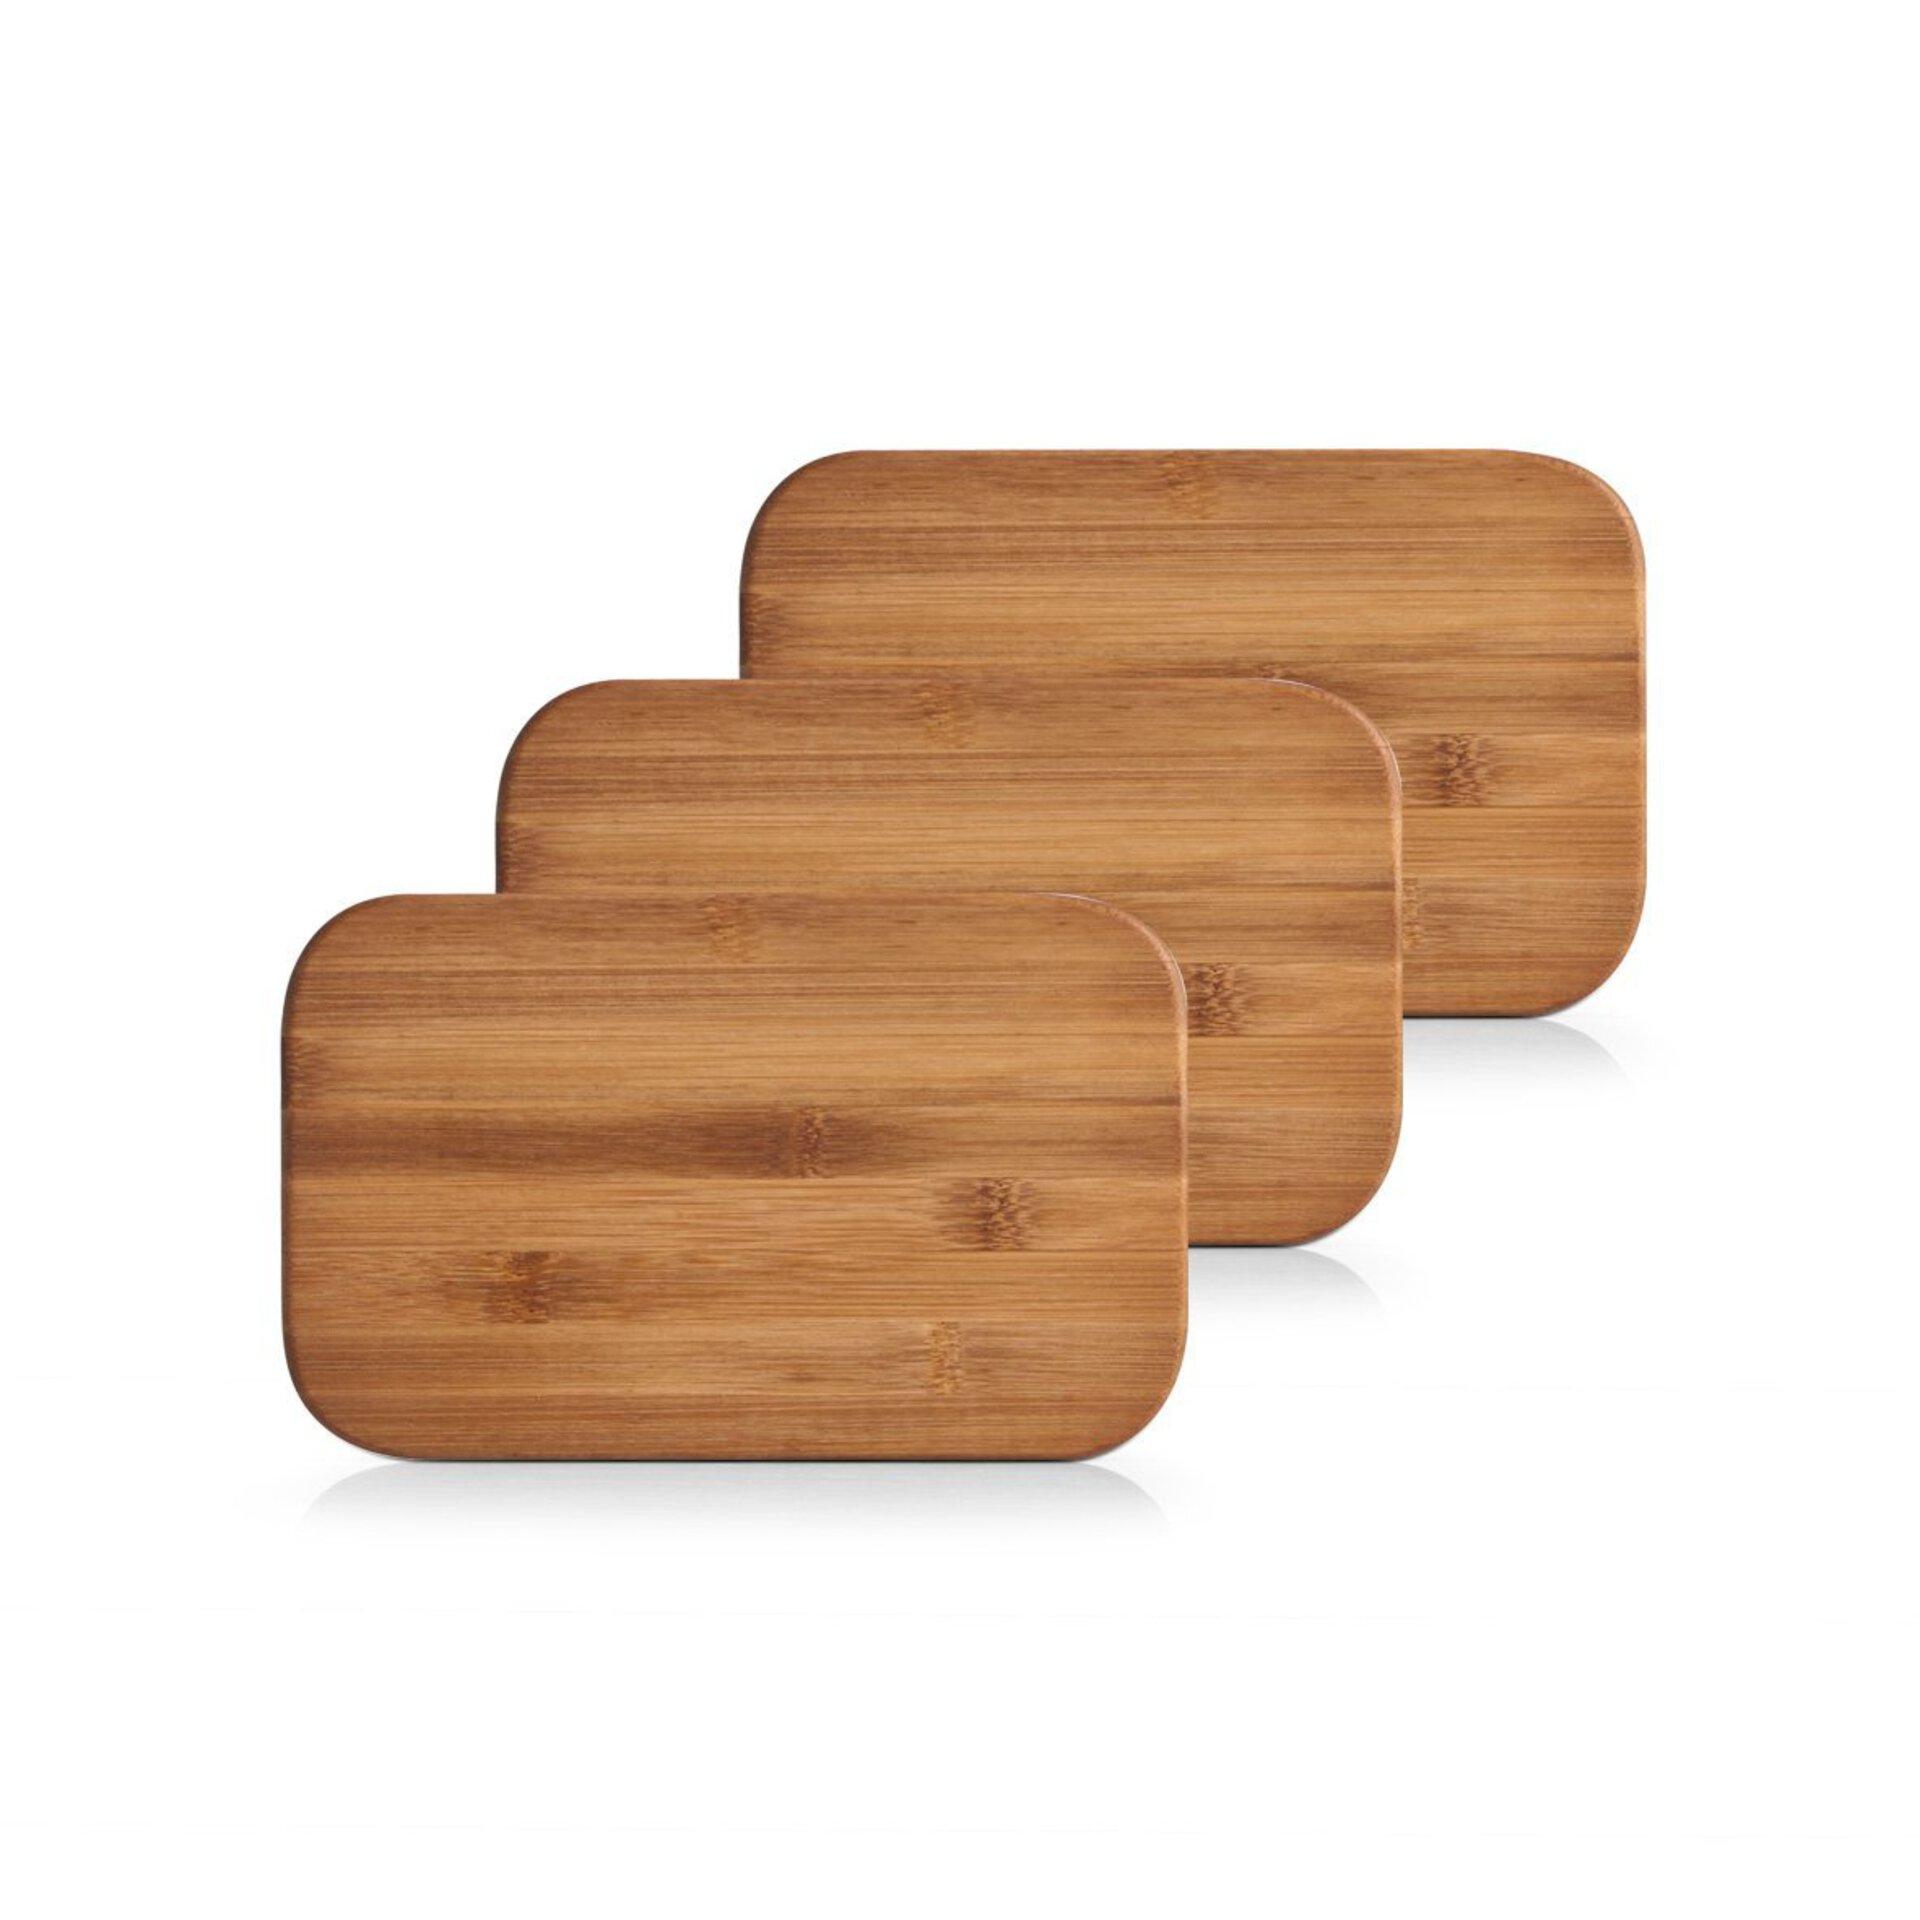 Schneidebrett Bamboo Zeller Present Holz braun 14 x 2 x 22 cm